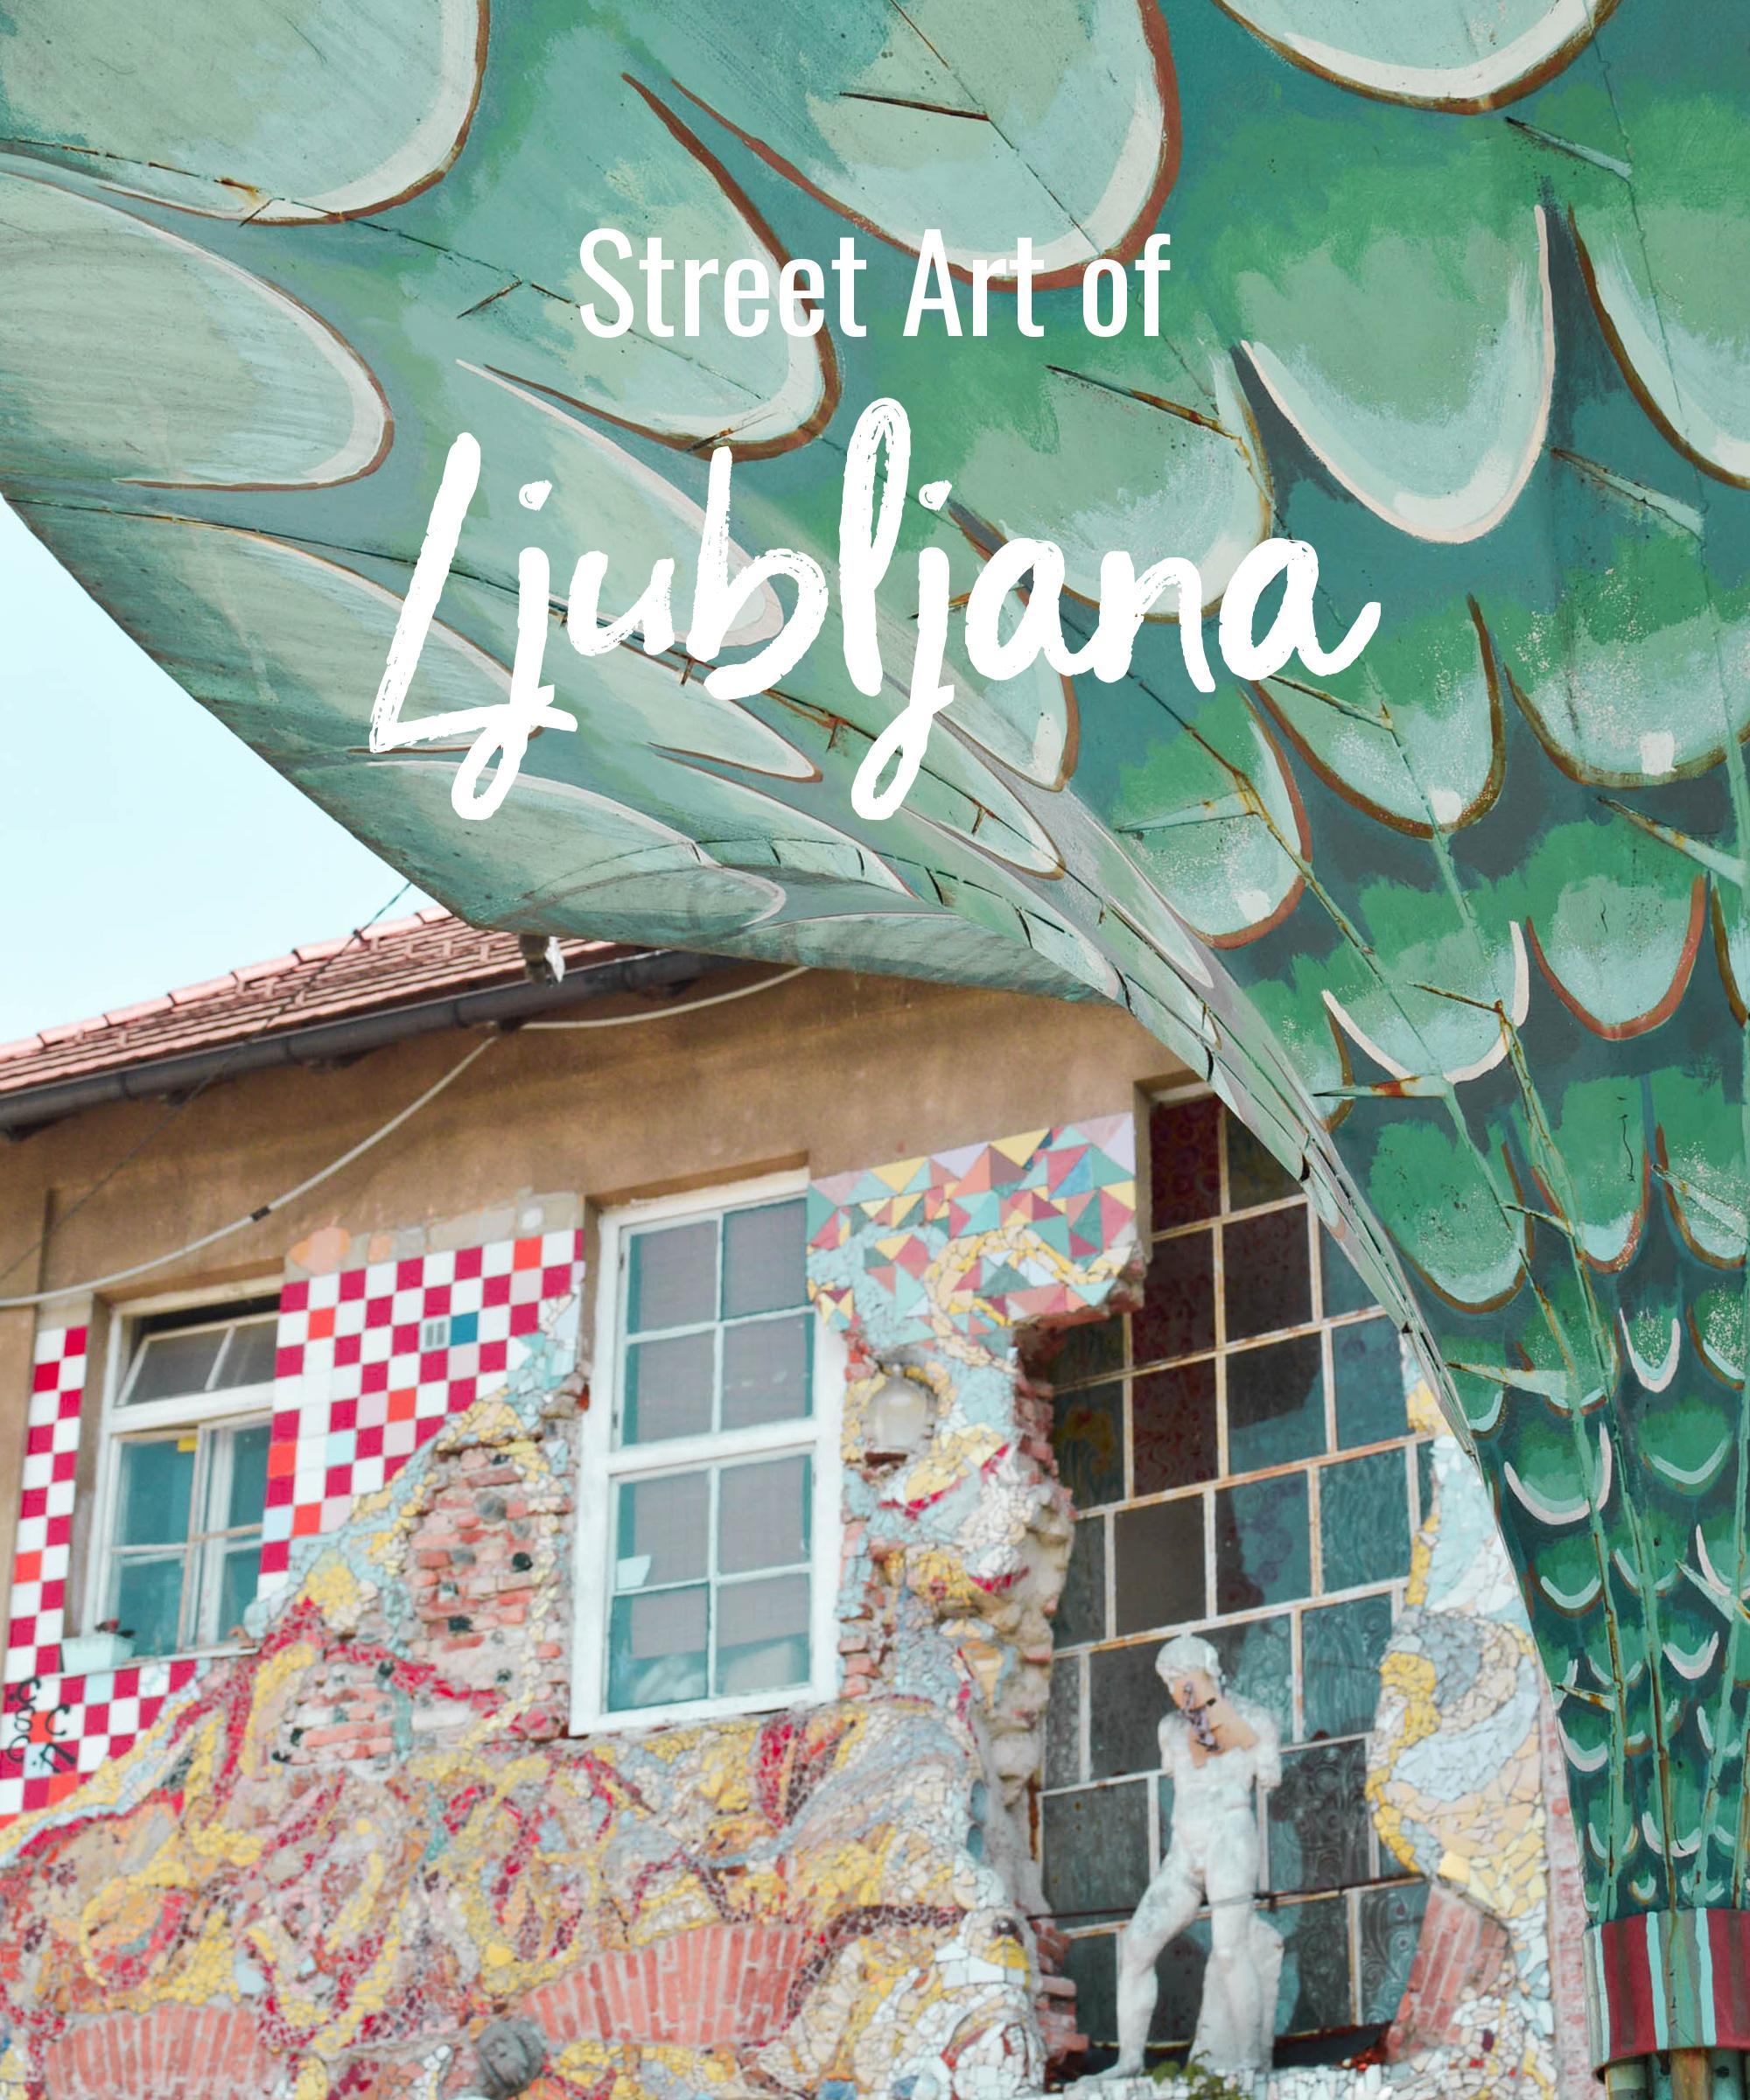 Street Art of Ljubljana